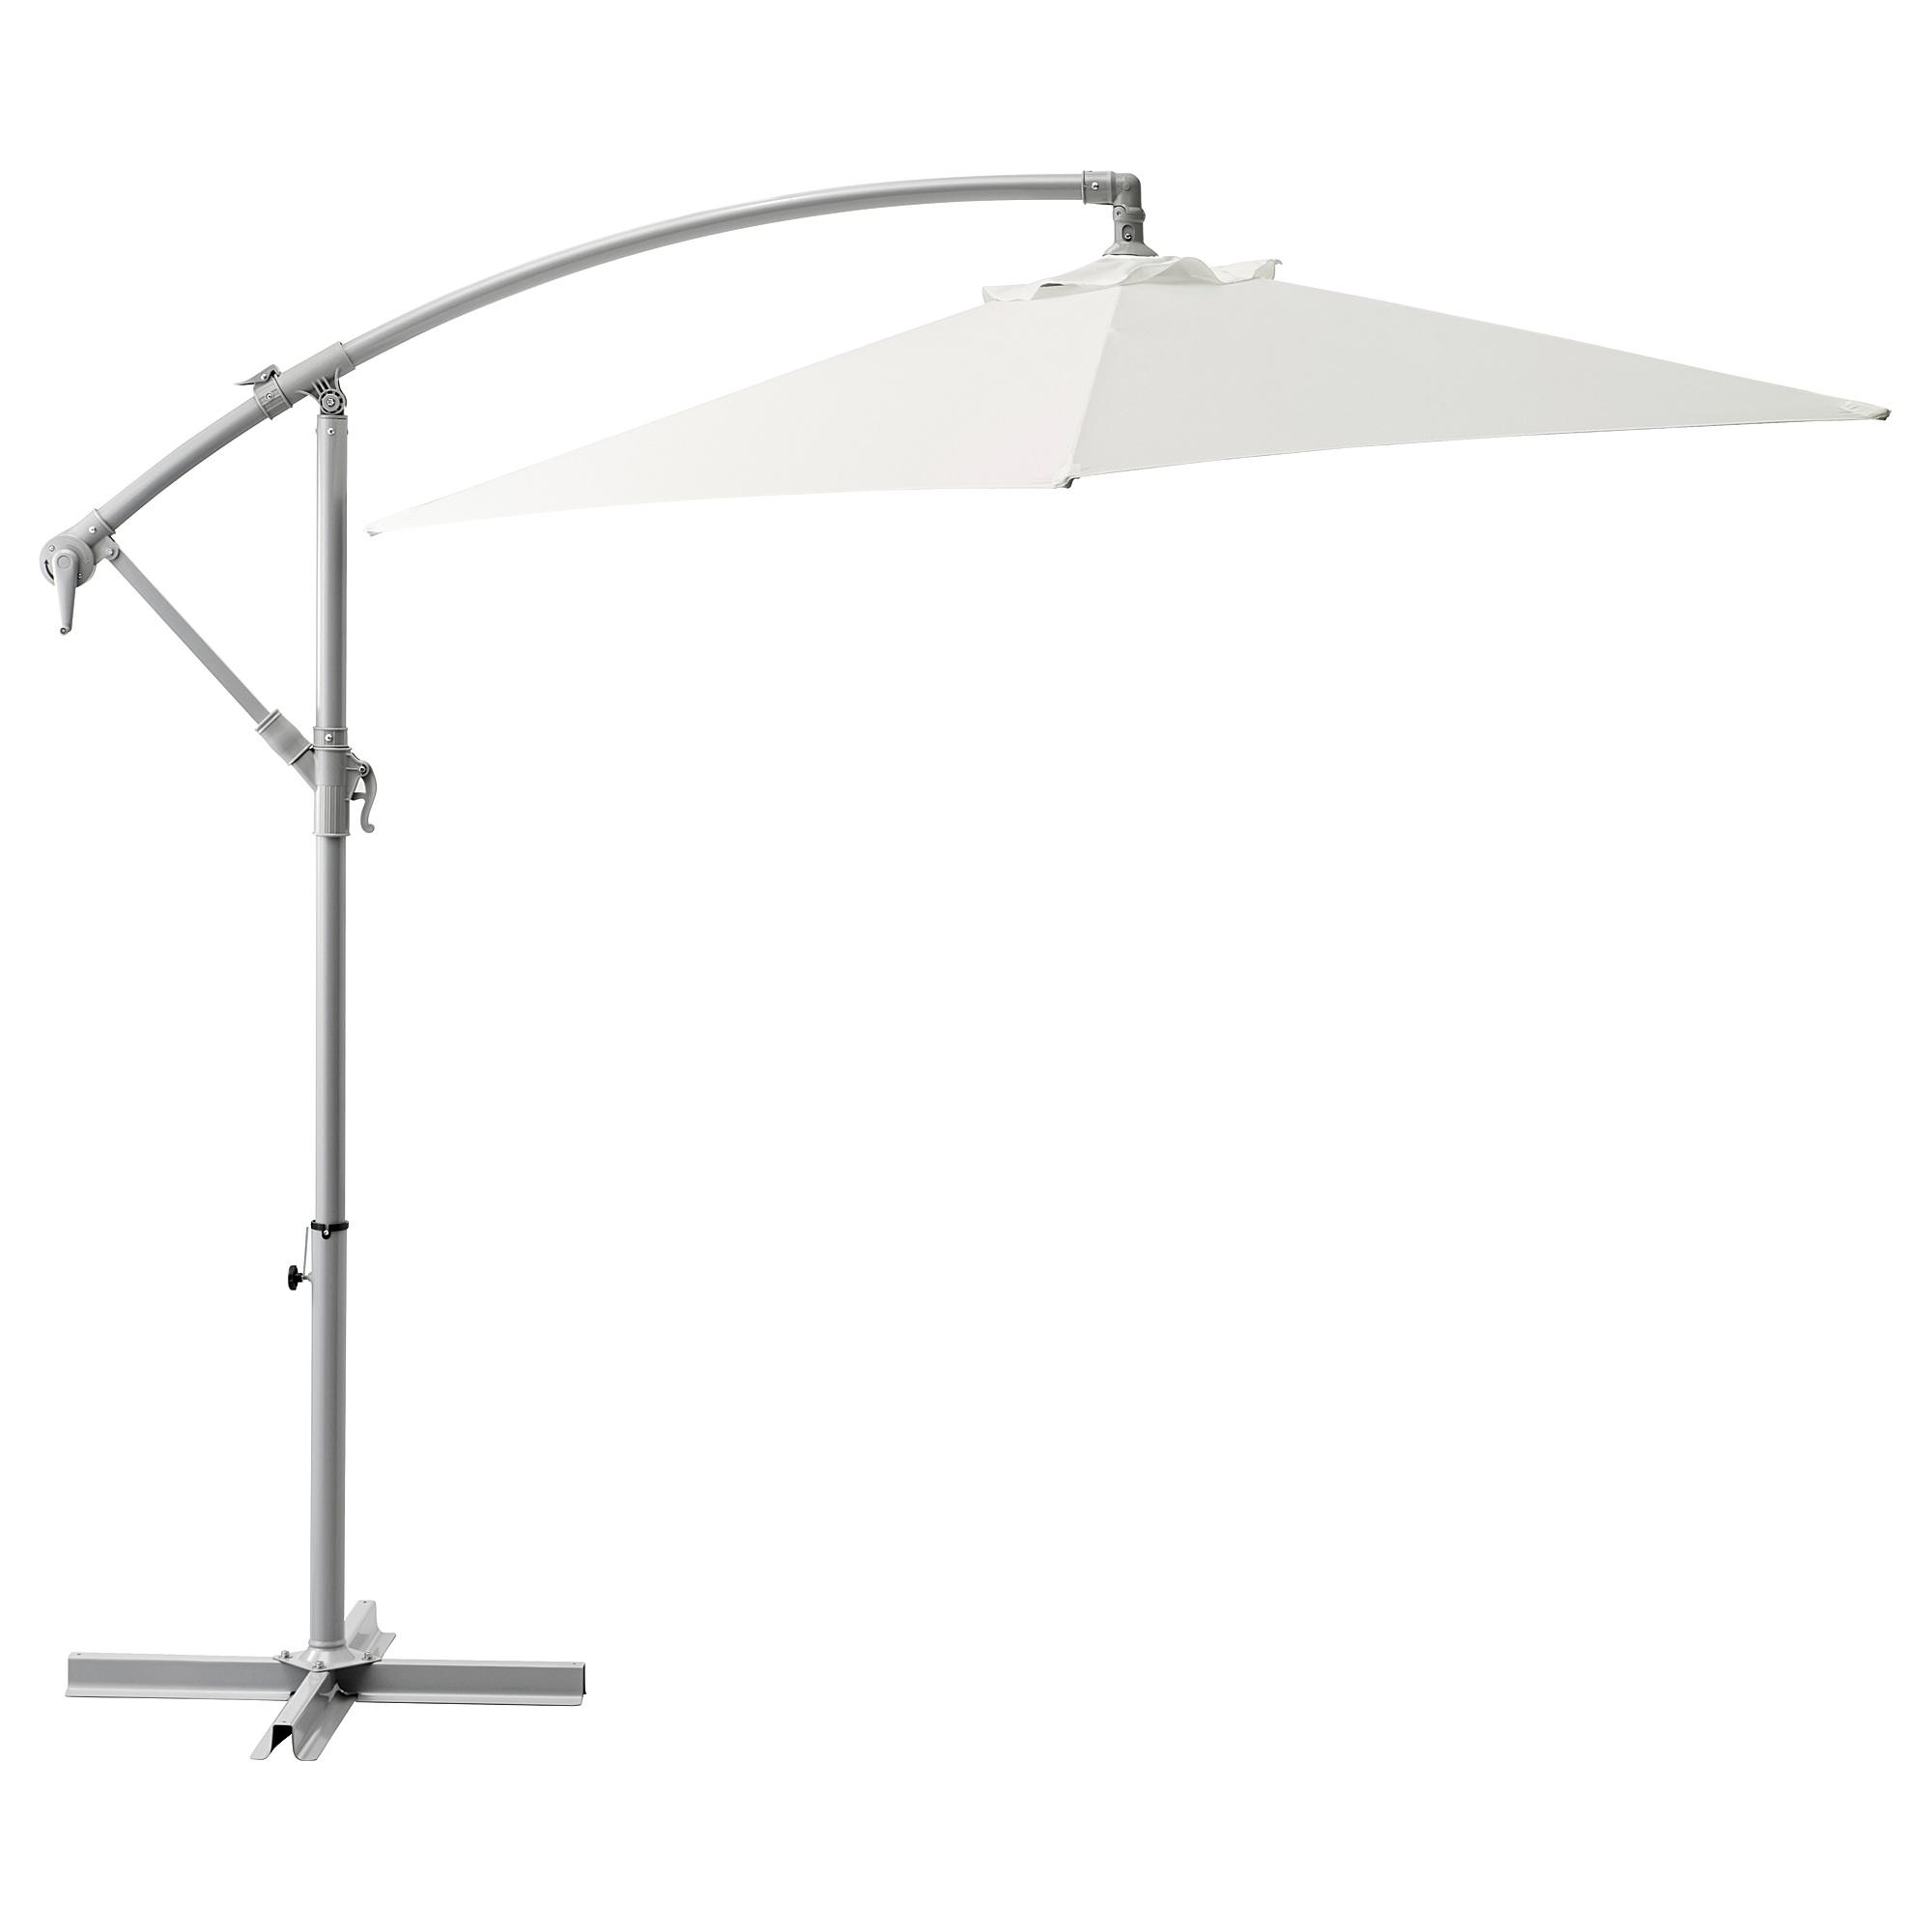 BAGGÖN Parasol, hanging white 250 cm